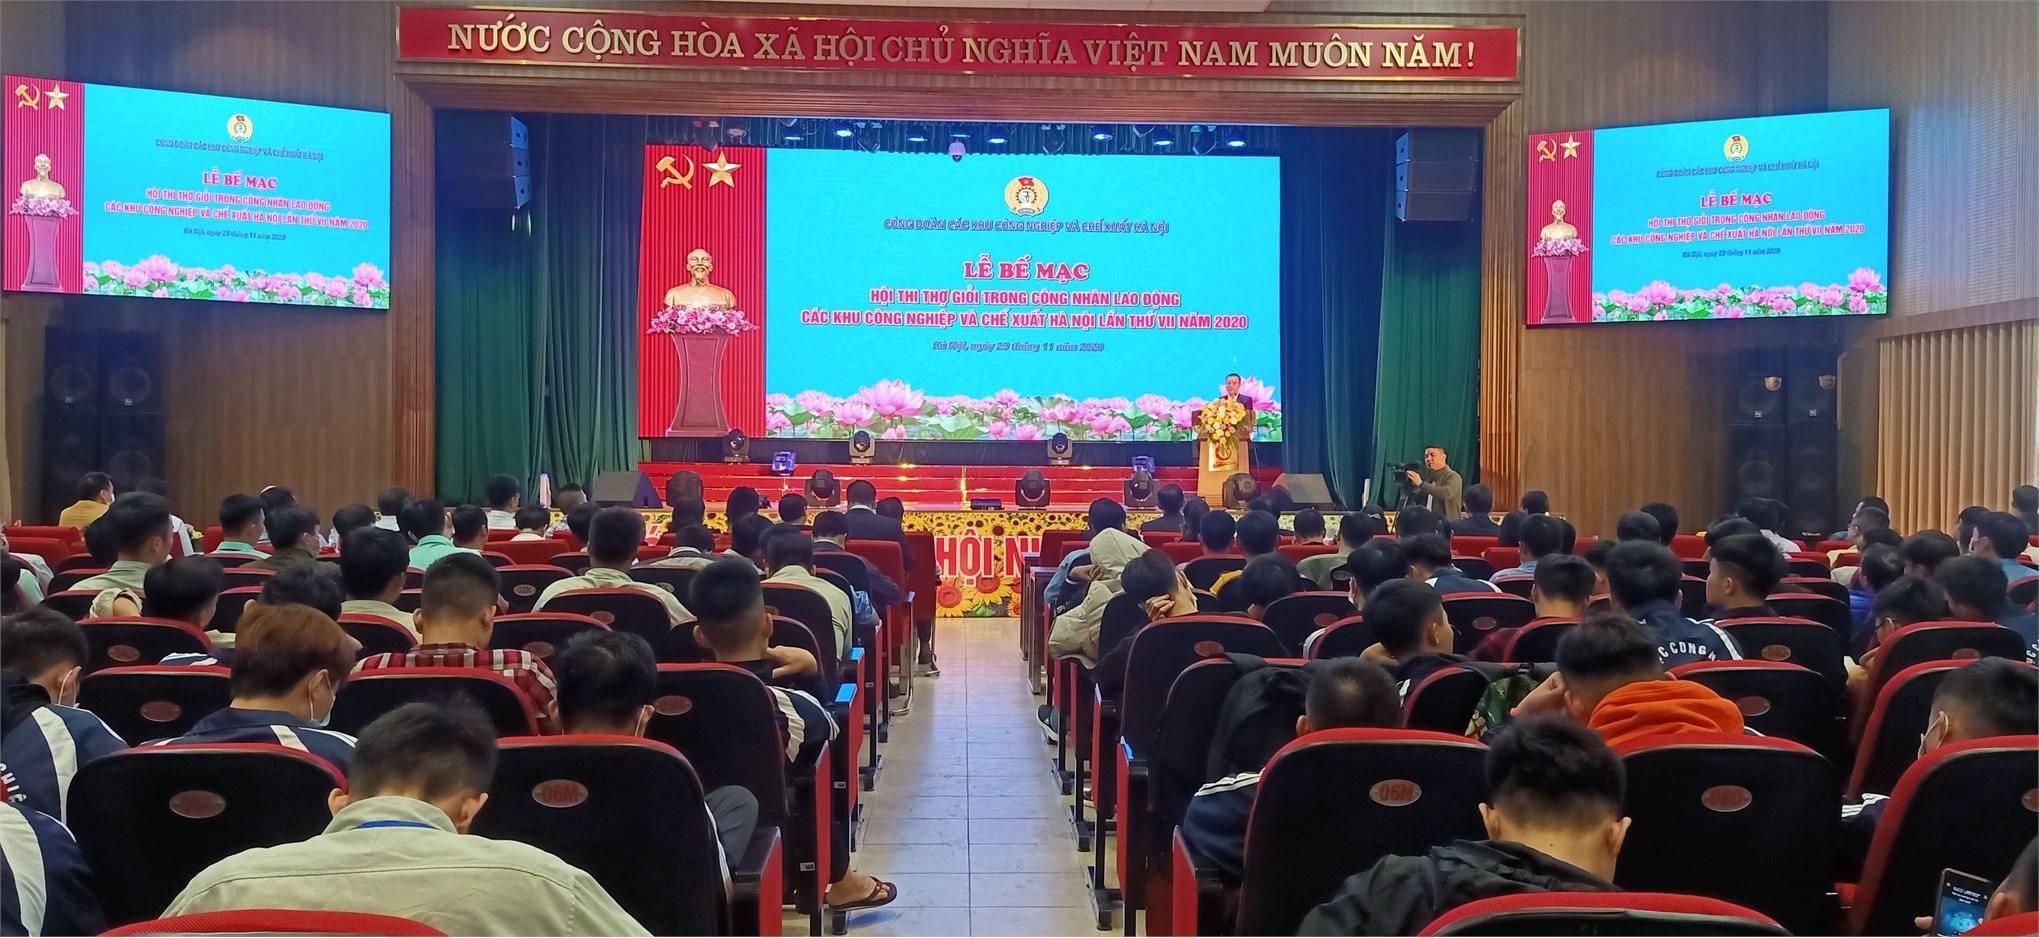 """Hội thi """"Thợ giỏi trong công nhân lao động các Khu công nghiệp và chế xuất Hà Nội lần thứ VII"""" tại trường Đại học Công nghiệp Hà Nội đã diễn ra thành công tốt đẹp"""